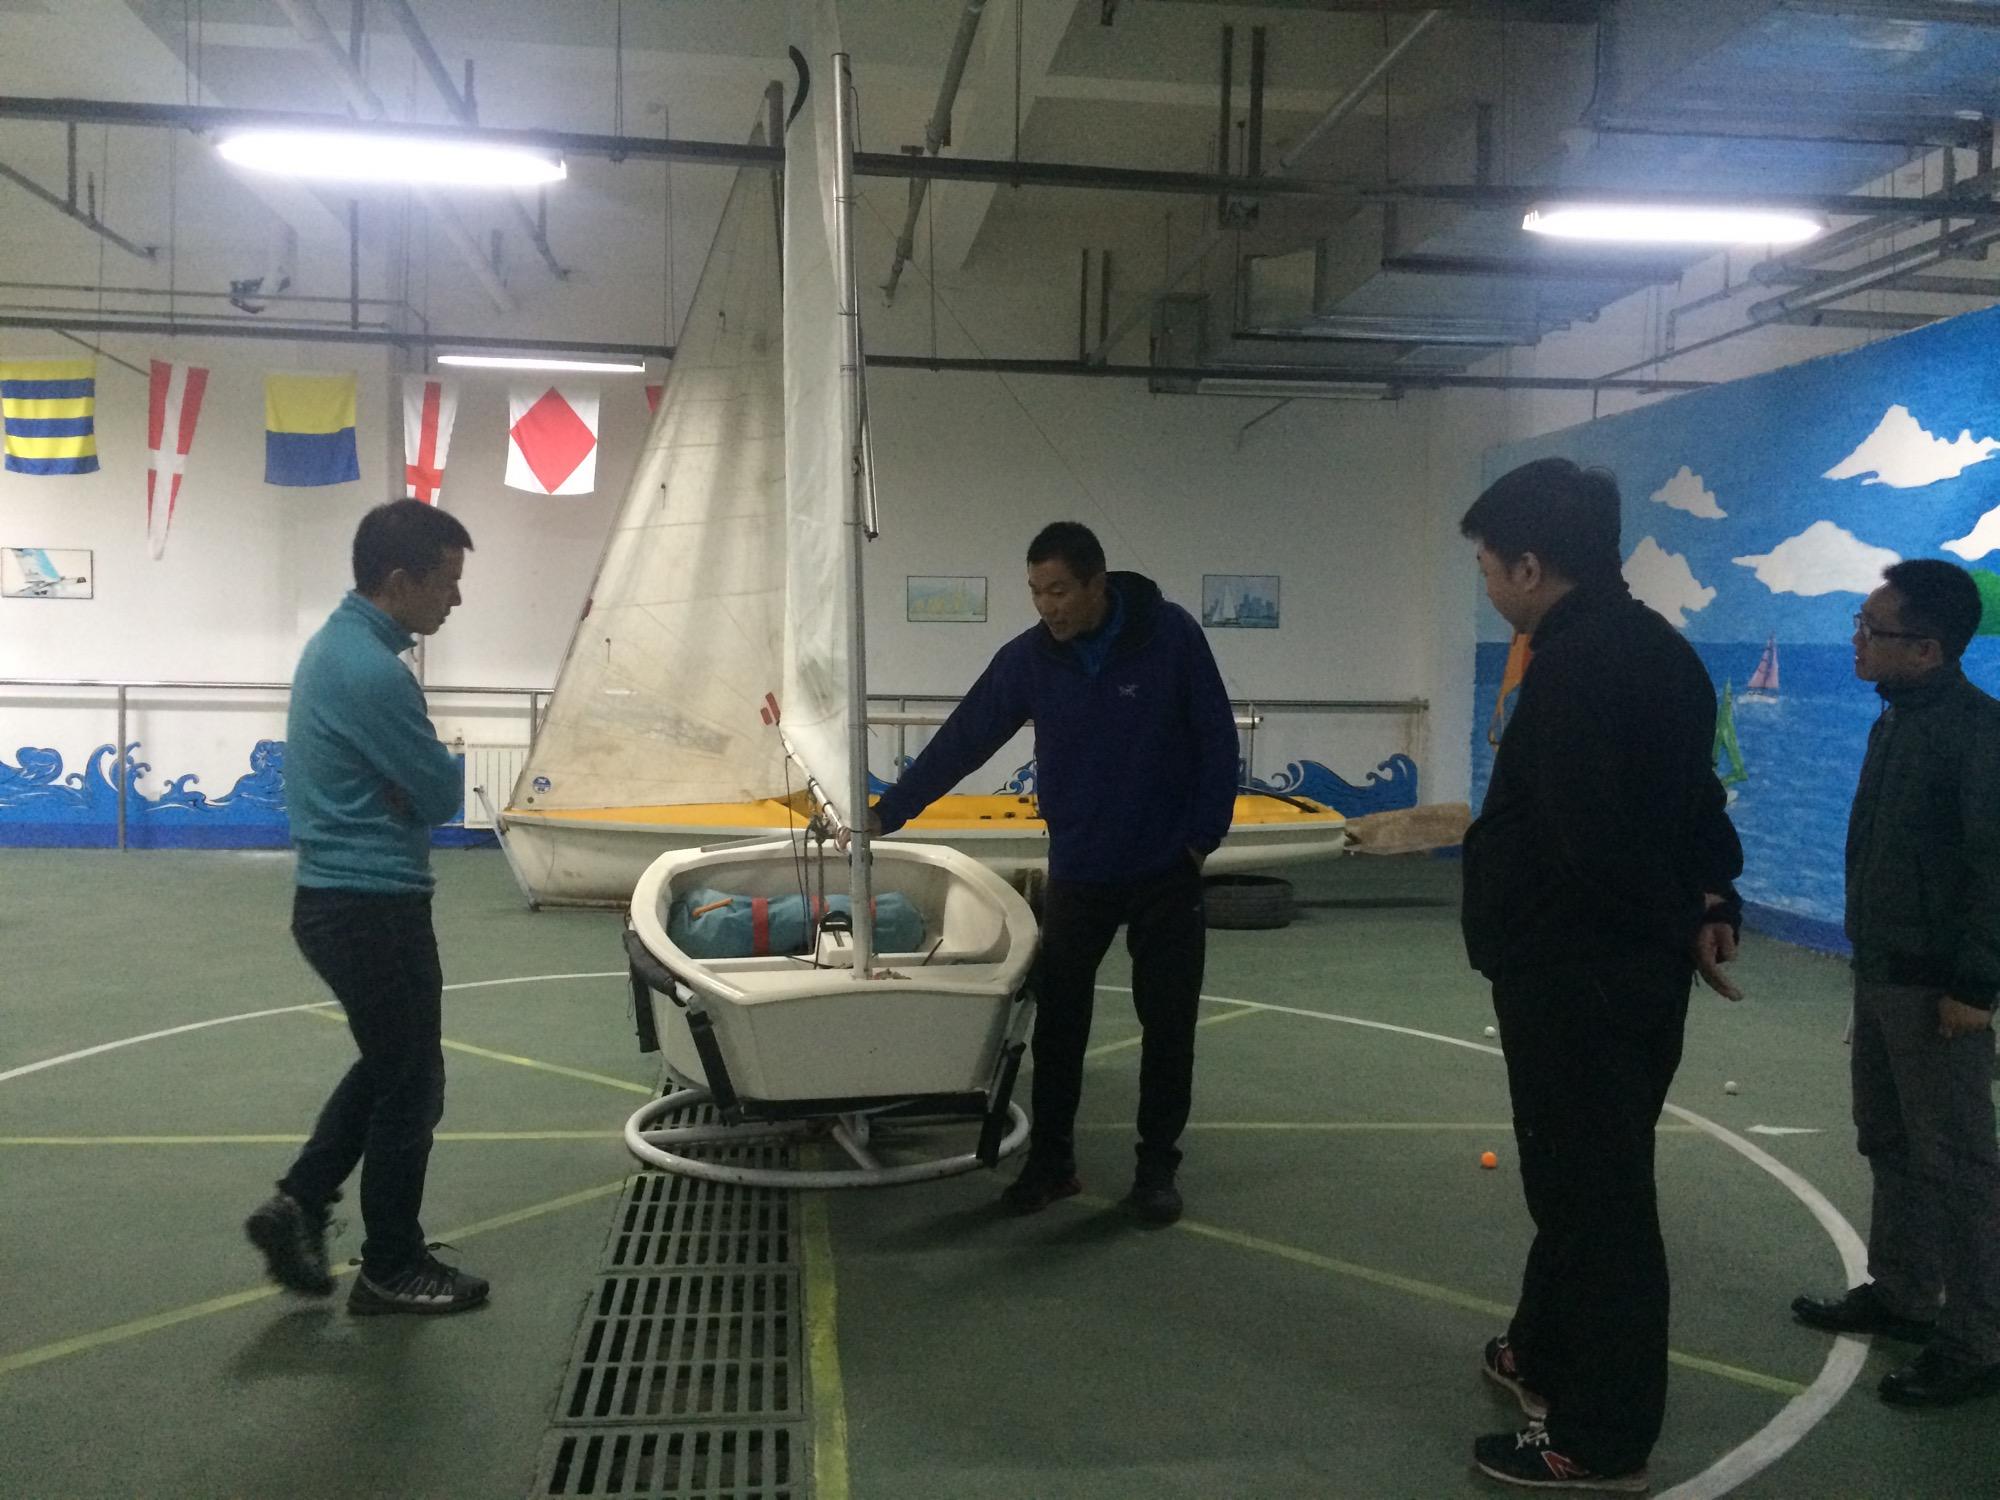 新西兰,北京,青岛,帆船,大海 一个帆船航海老菜鸟深秋细雨中的帆船赛 IMG_8786.jpg